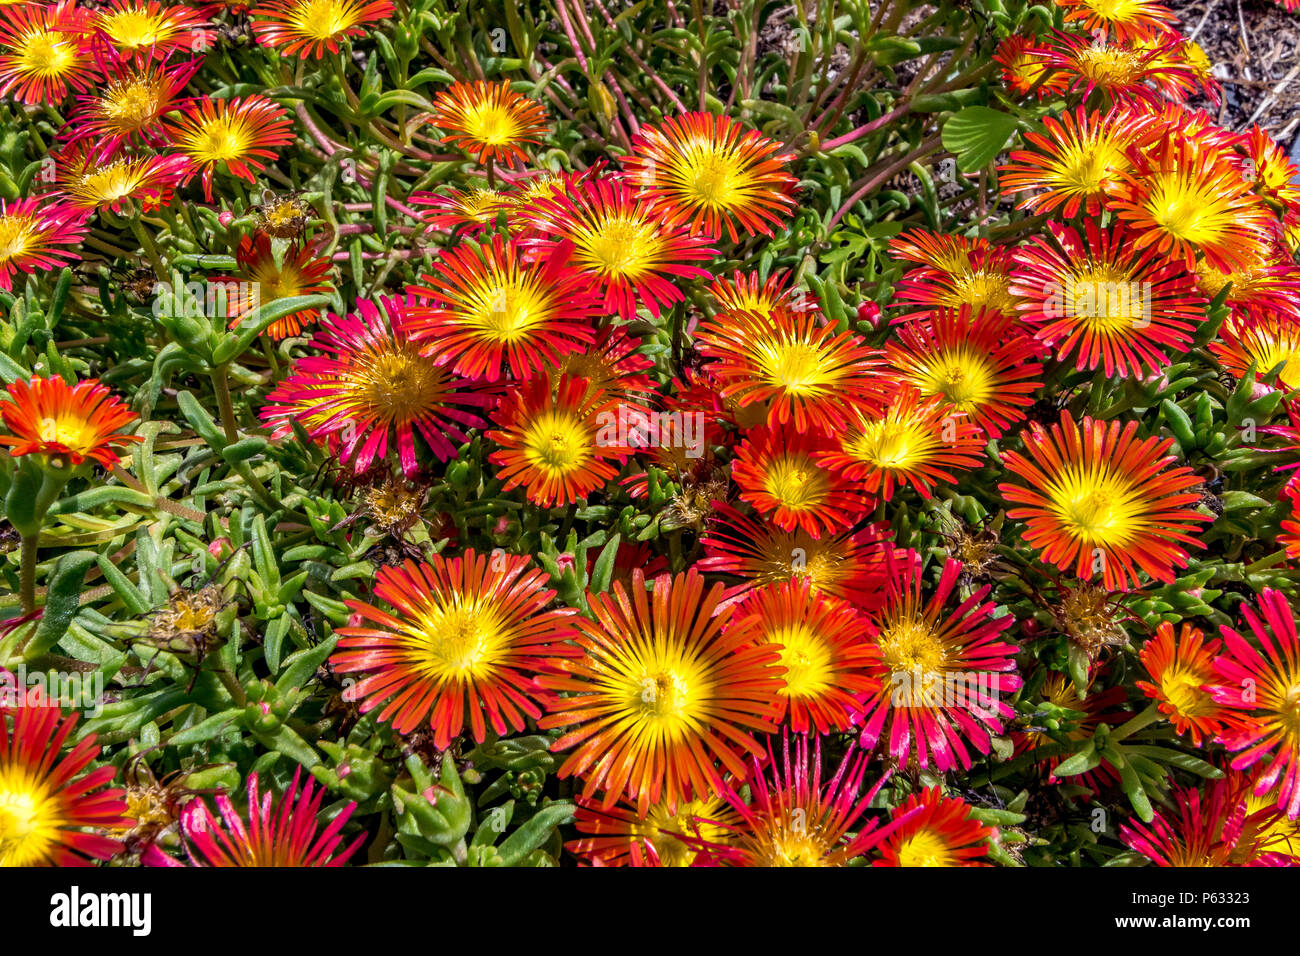 Flores De Color Rojo Y Amarillo De Delosperma Cooperi Fire Pregunto O Ruedas De Maravilla Fotografía De Stock Alamy